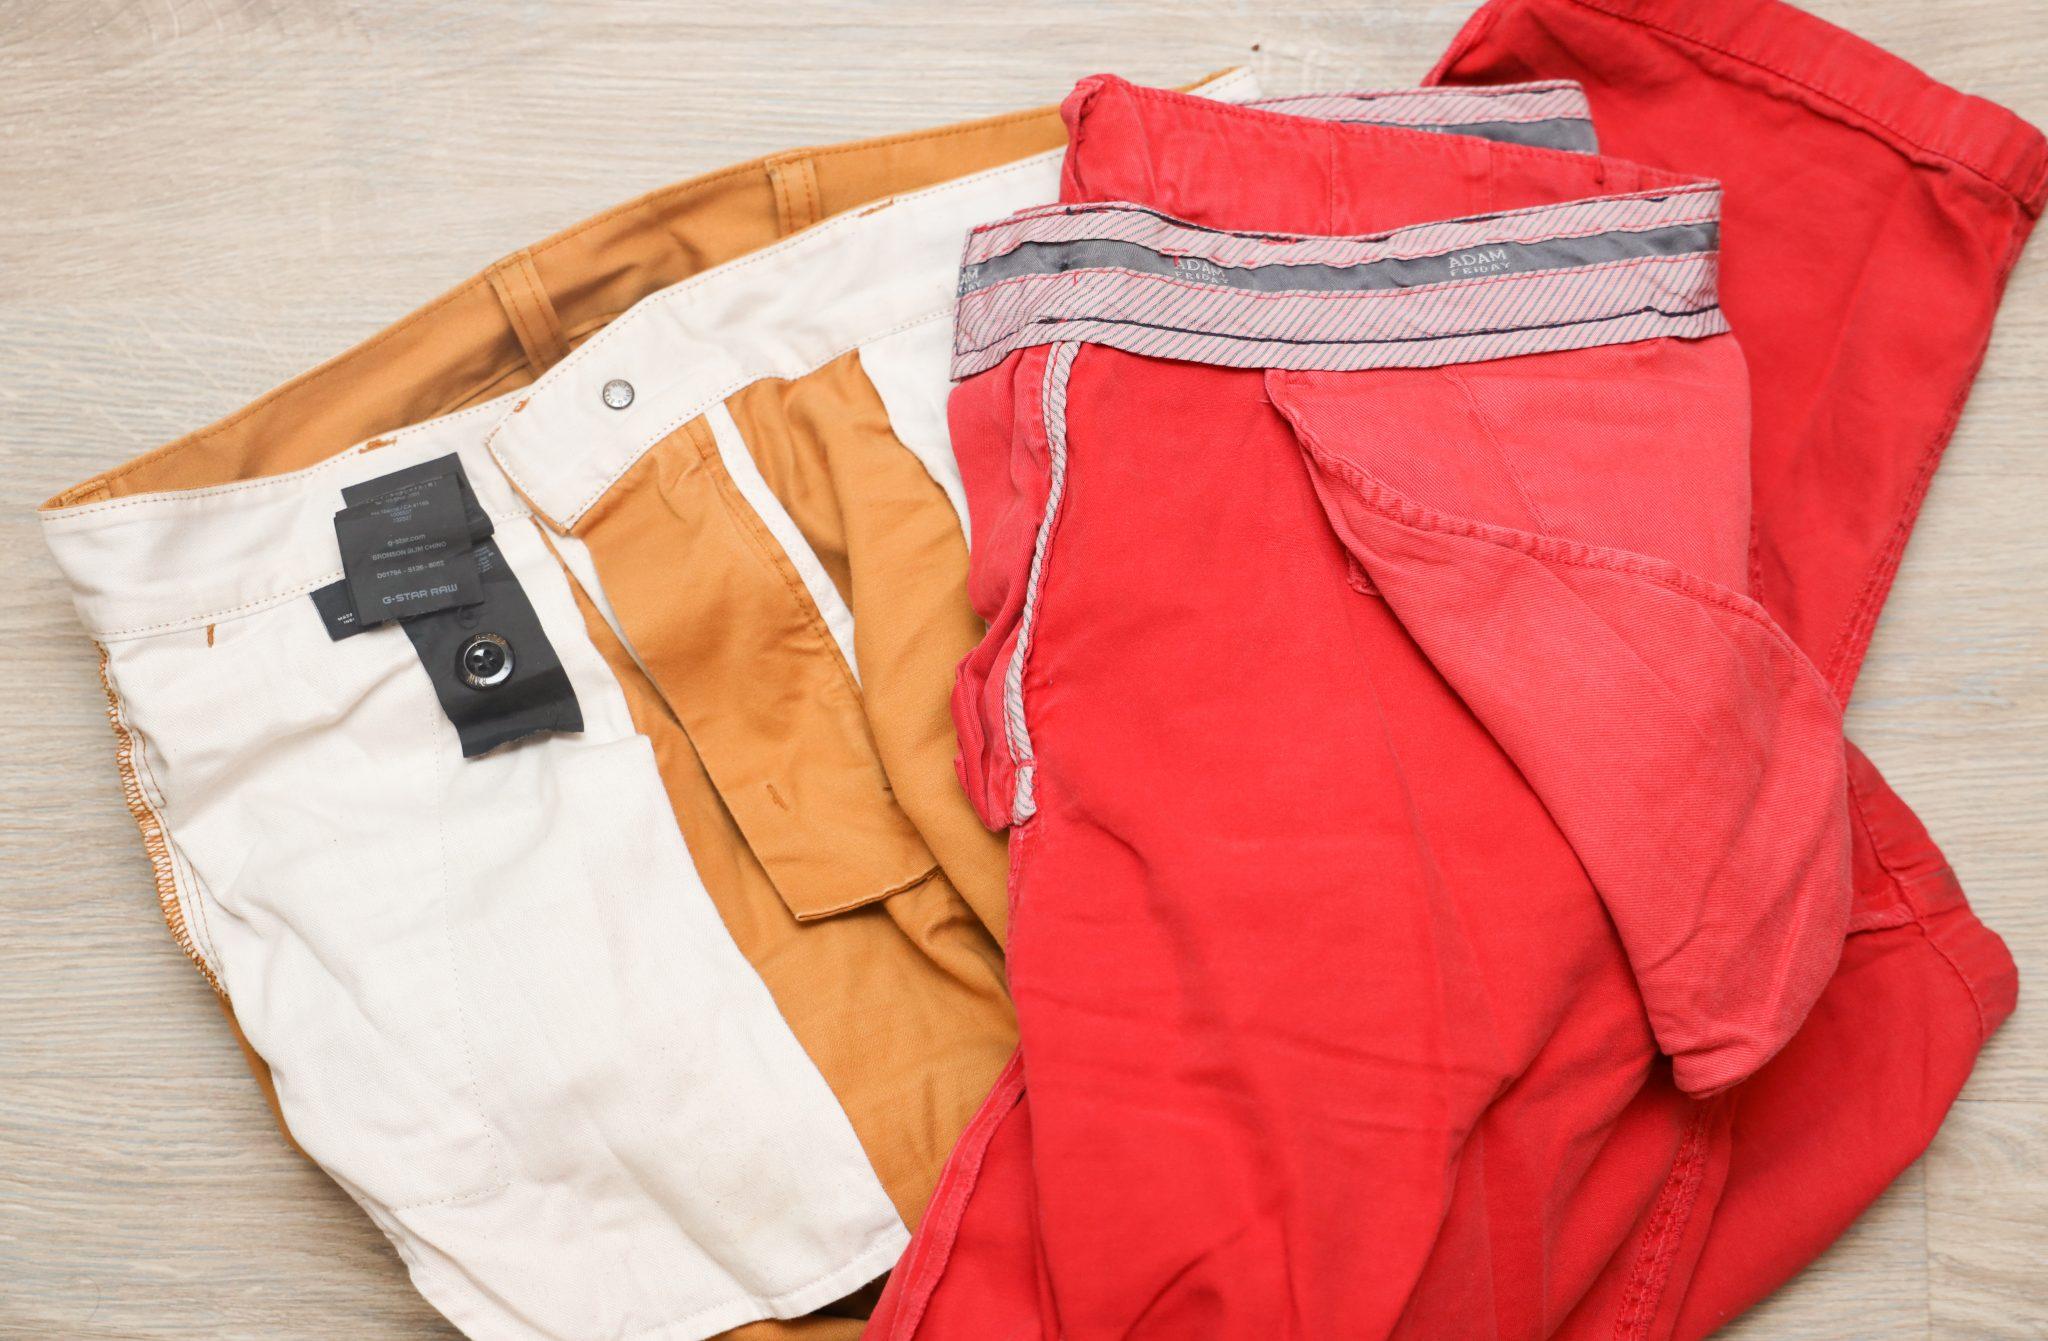 kleding binnenstebuiten keren